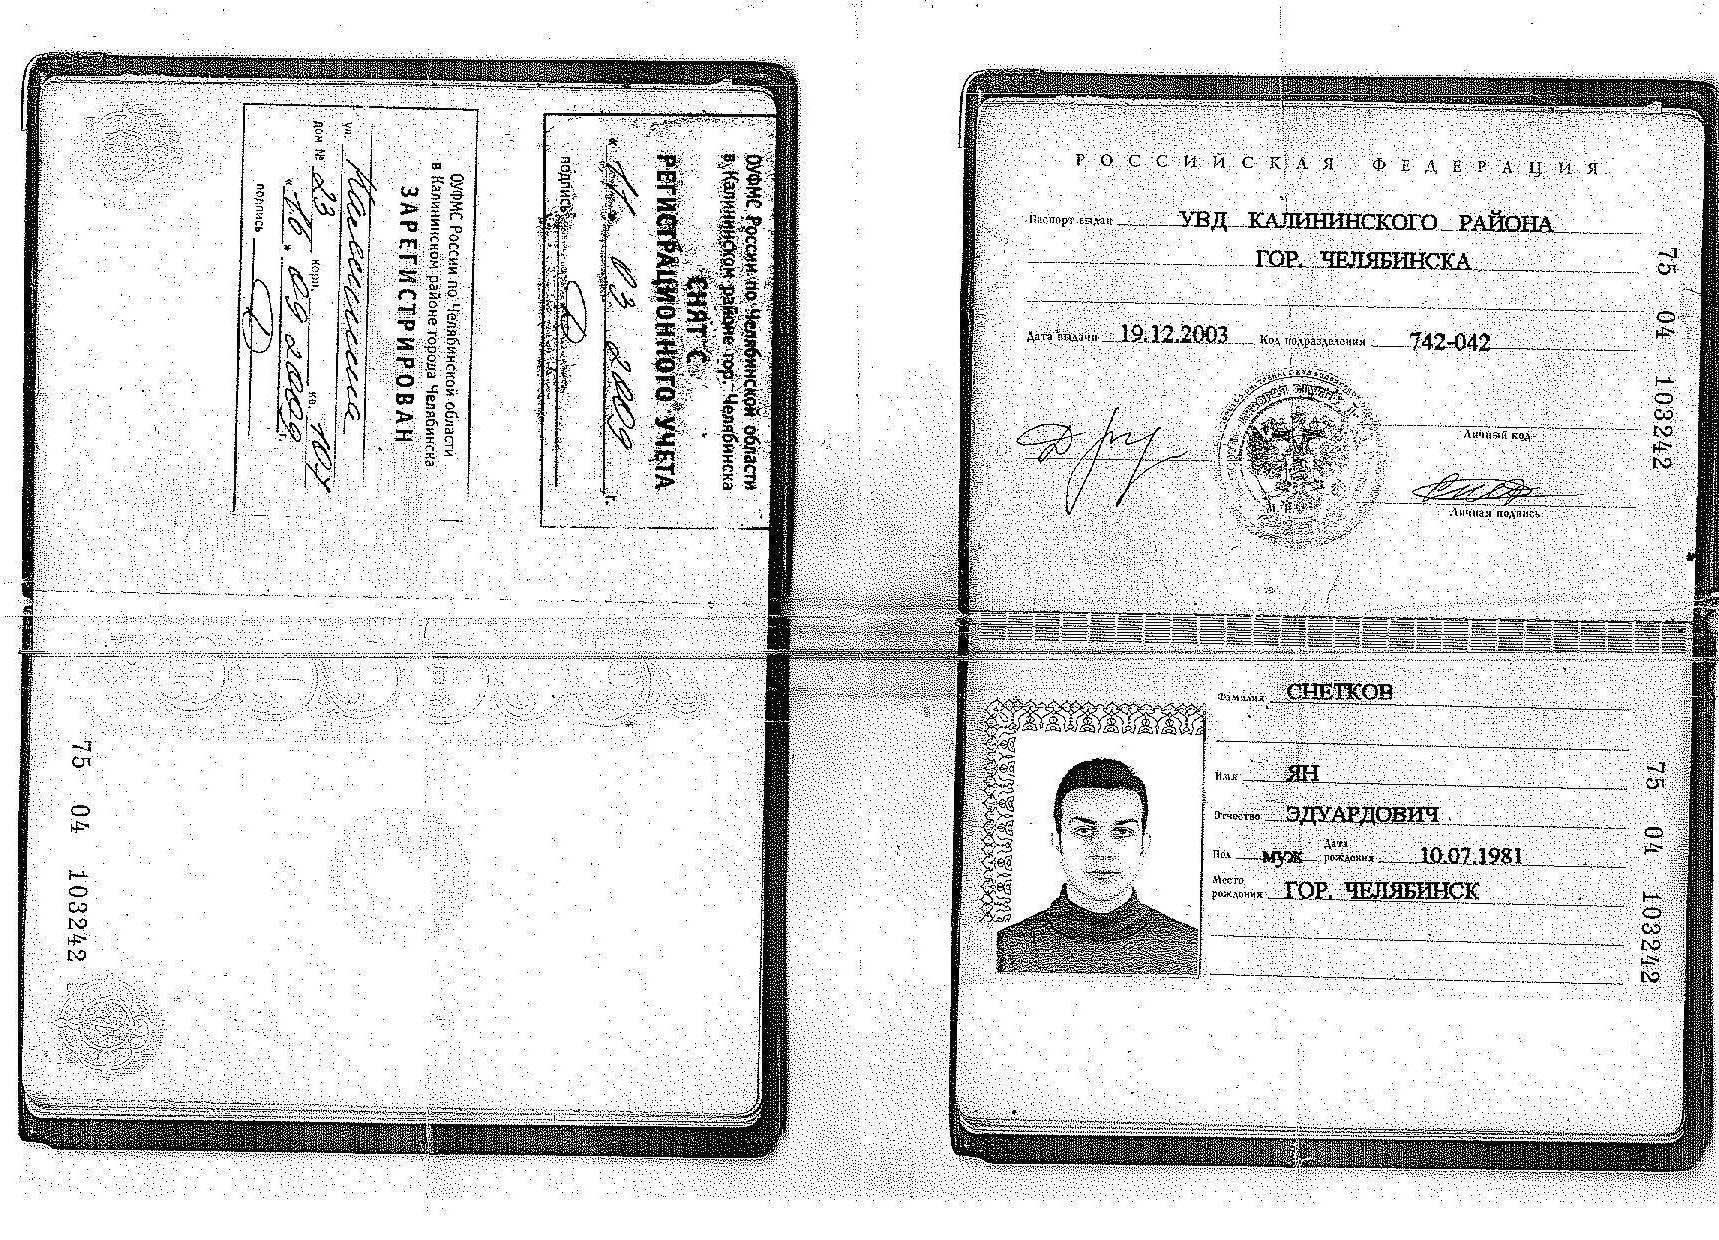 mozhno-li-po-fotografii-pasporta-vzyat-kredit_2